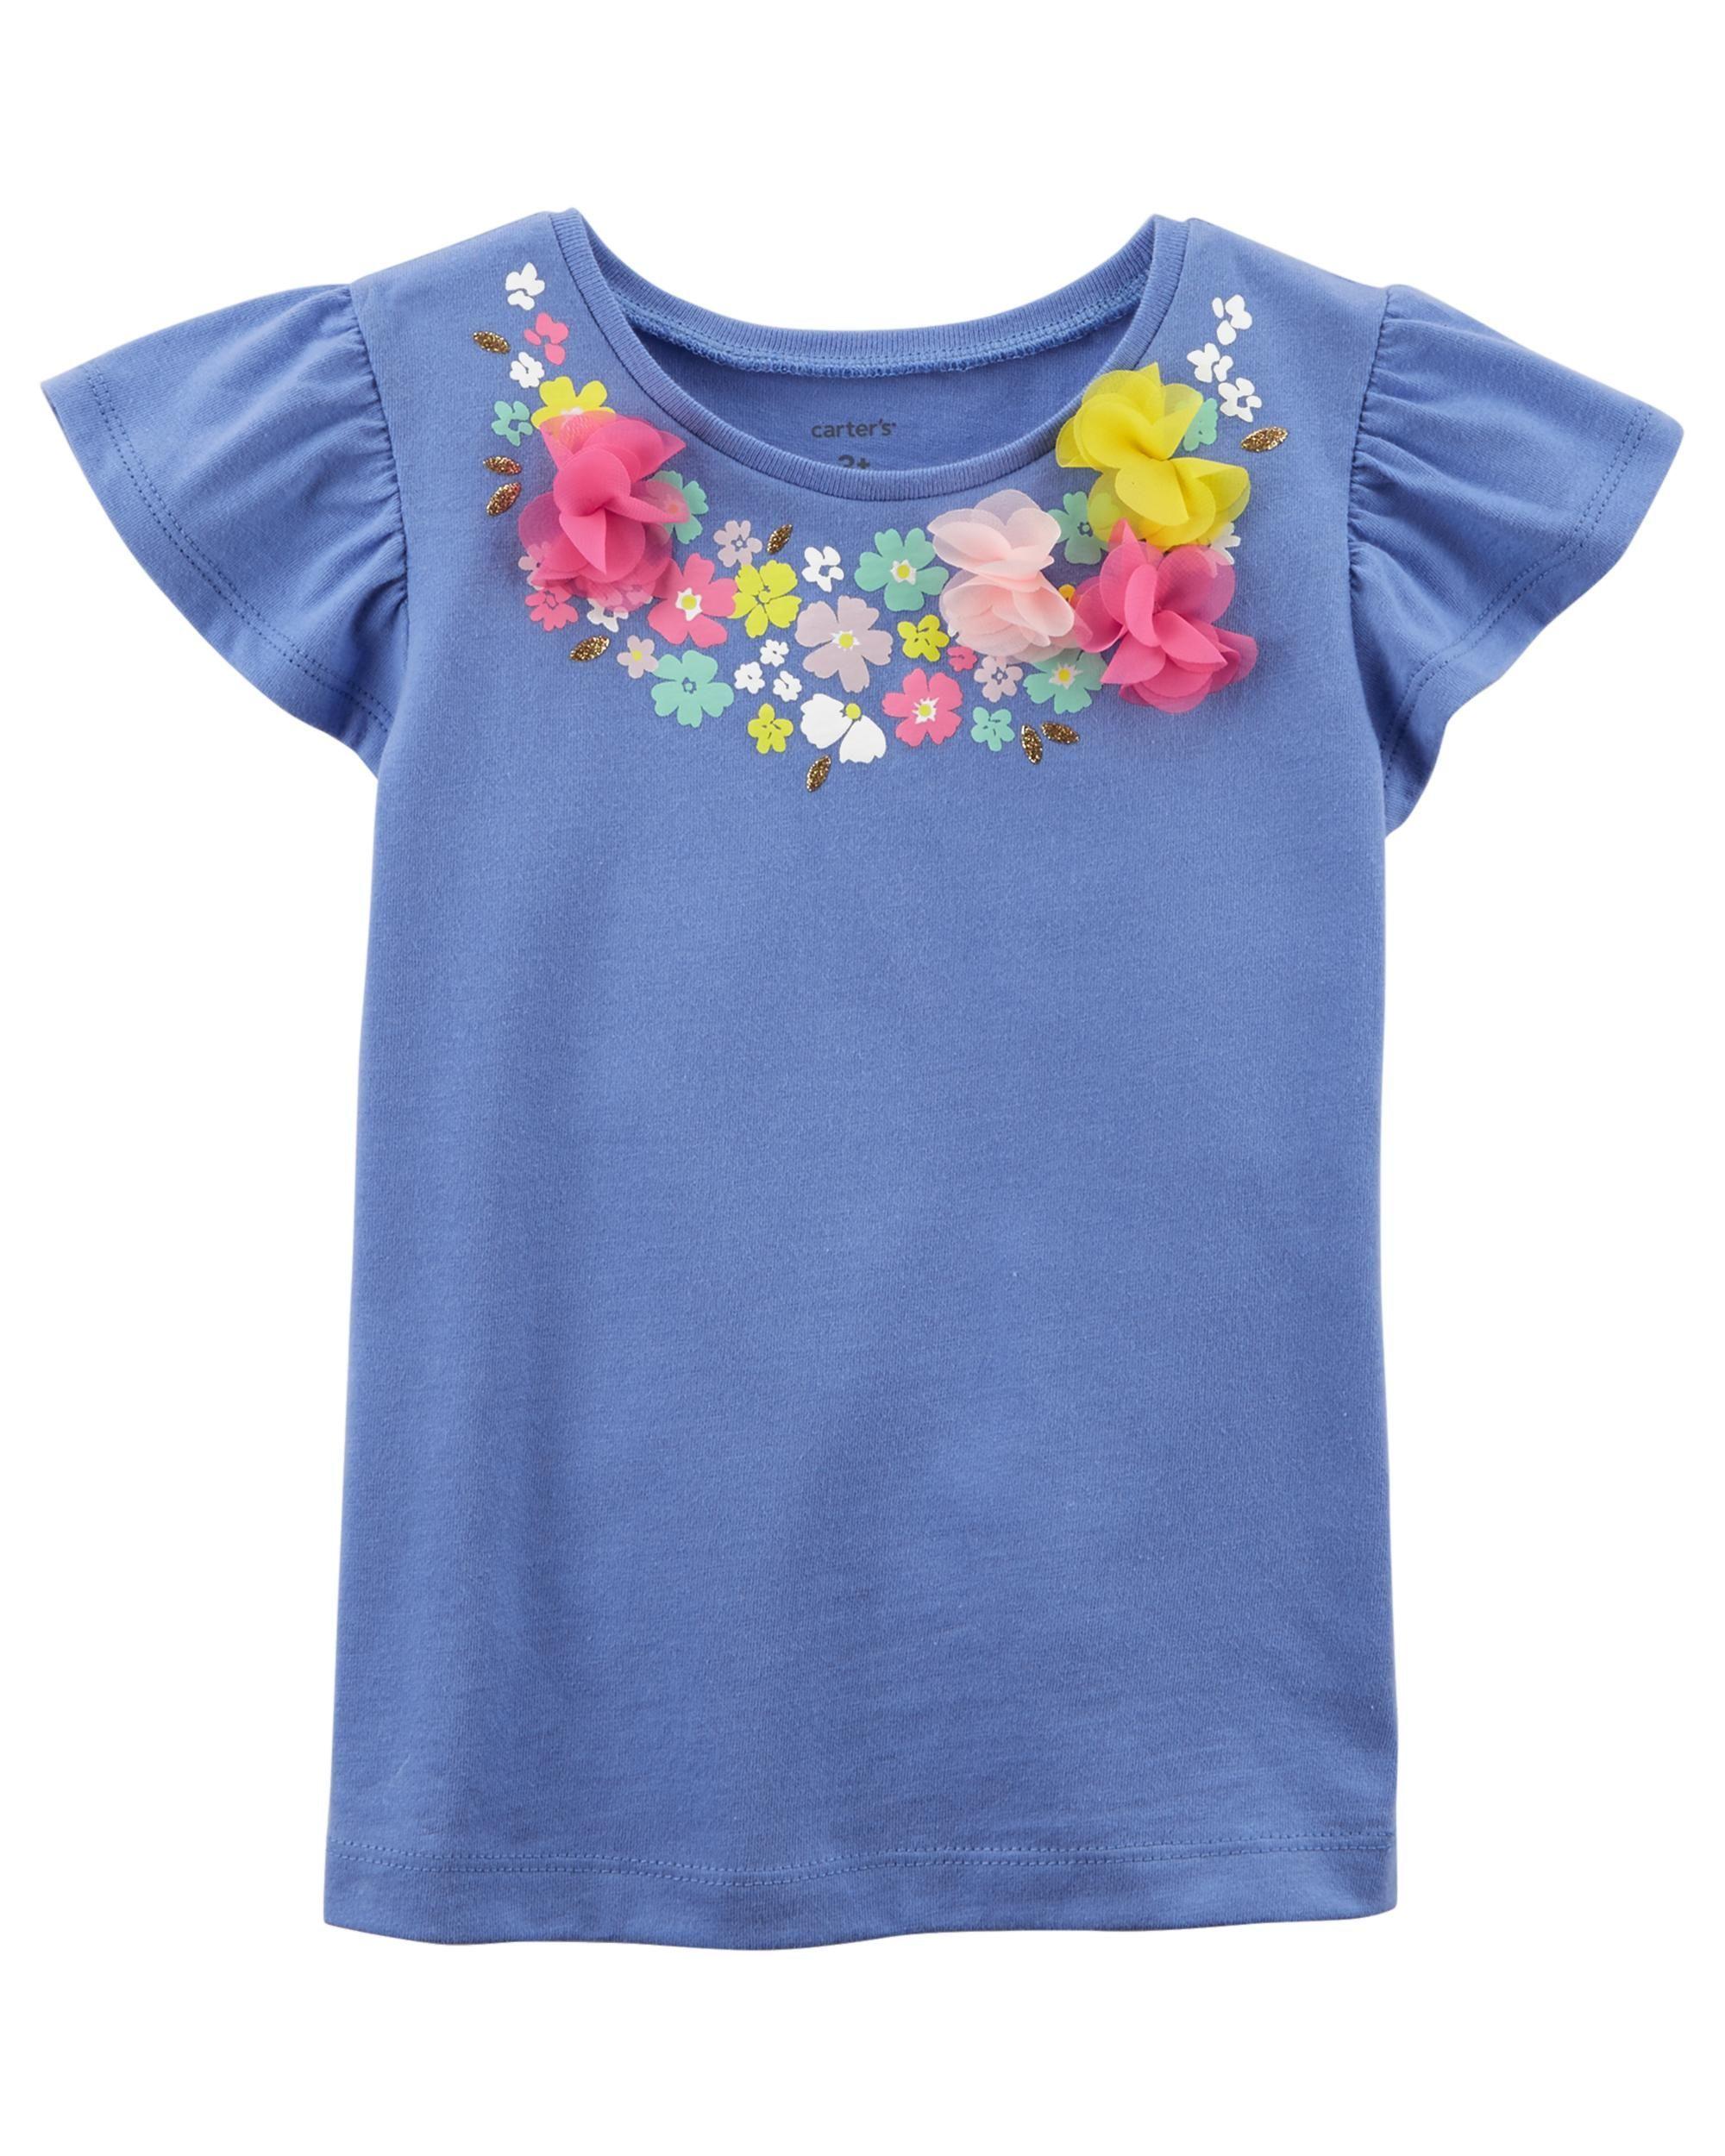 c5ca50a79 Floral Flutter Tee | Spring 2019 girls | Kids girls tops, Carters ...